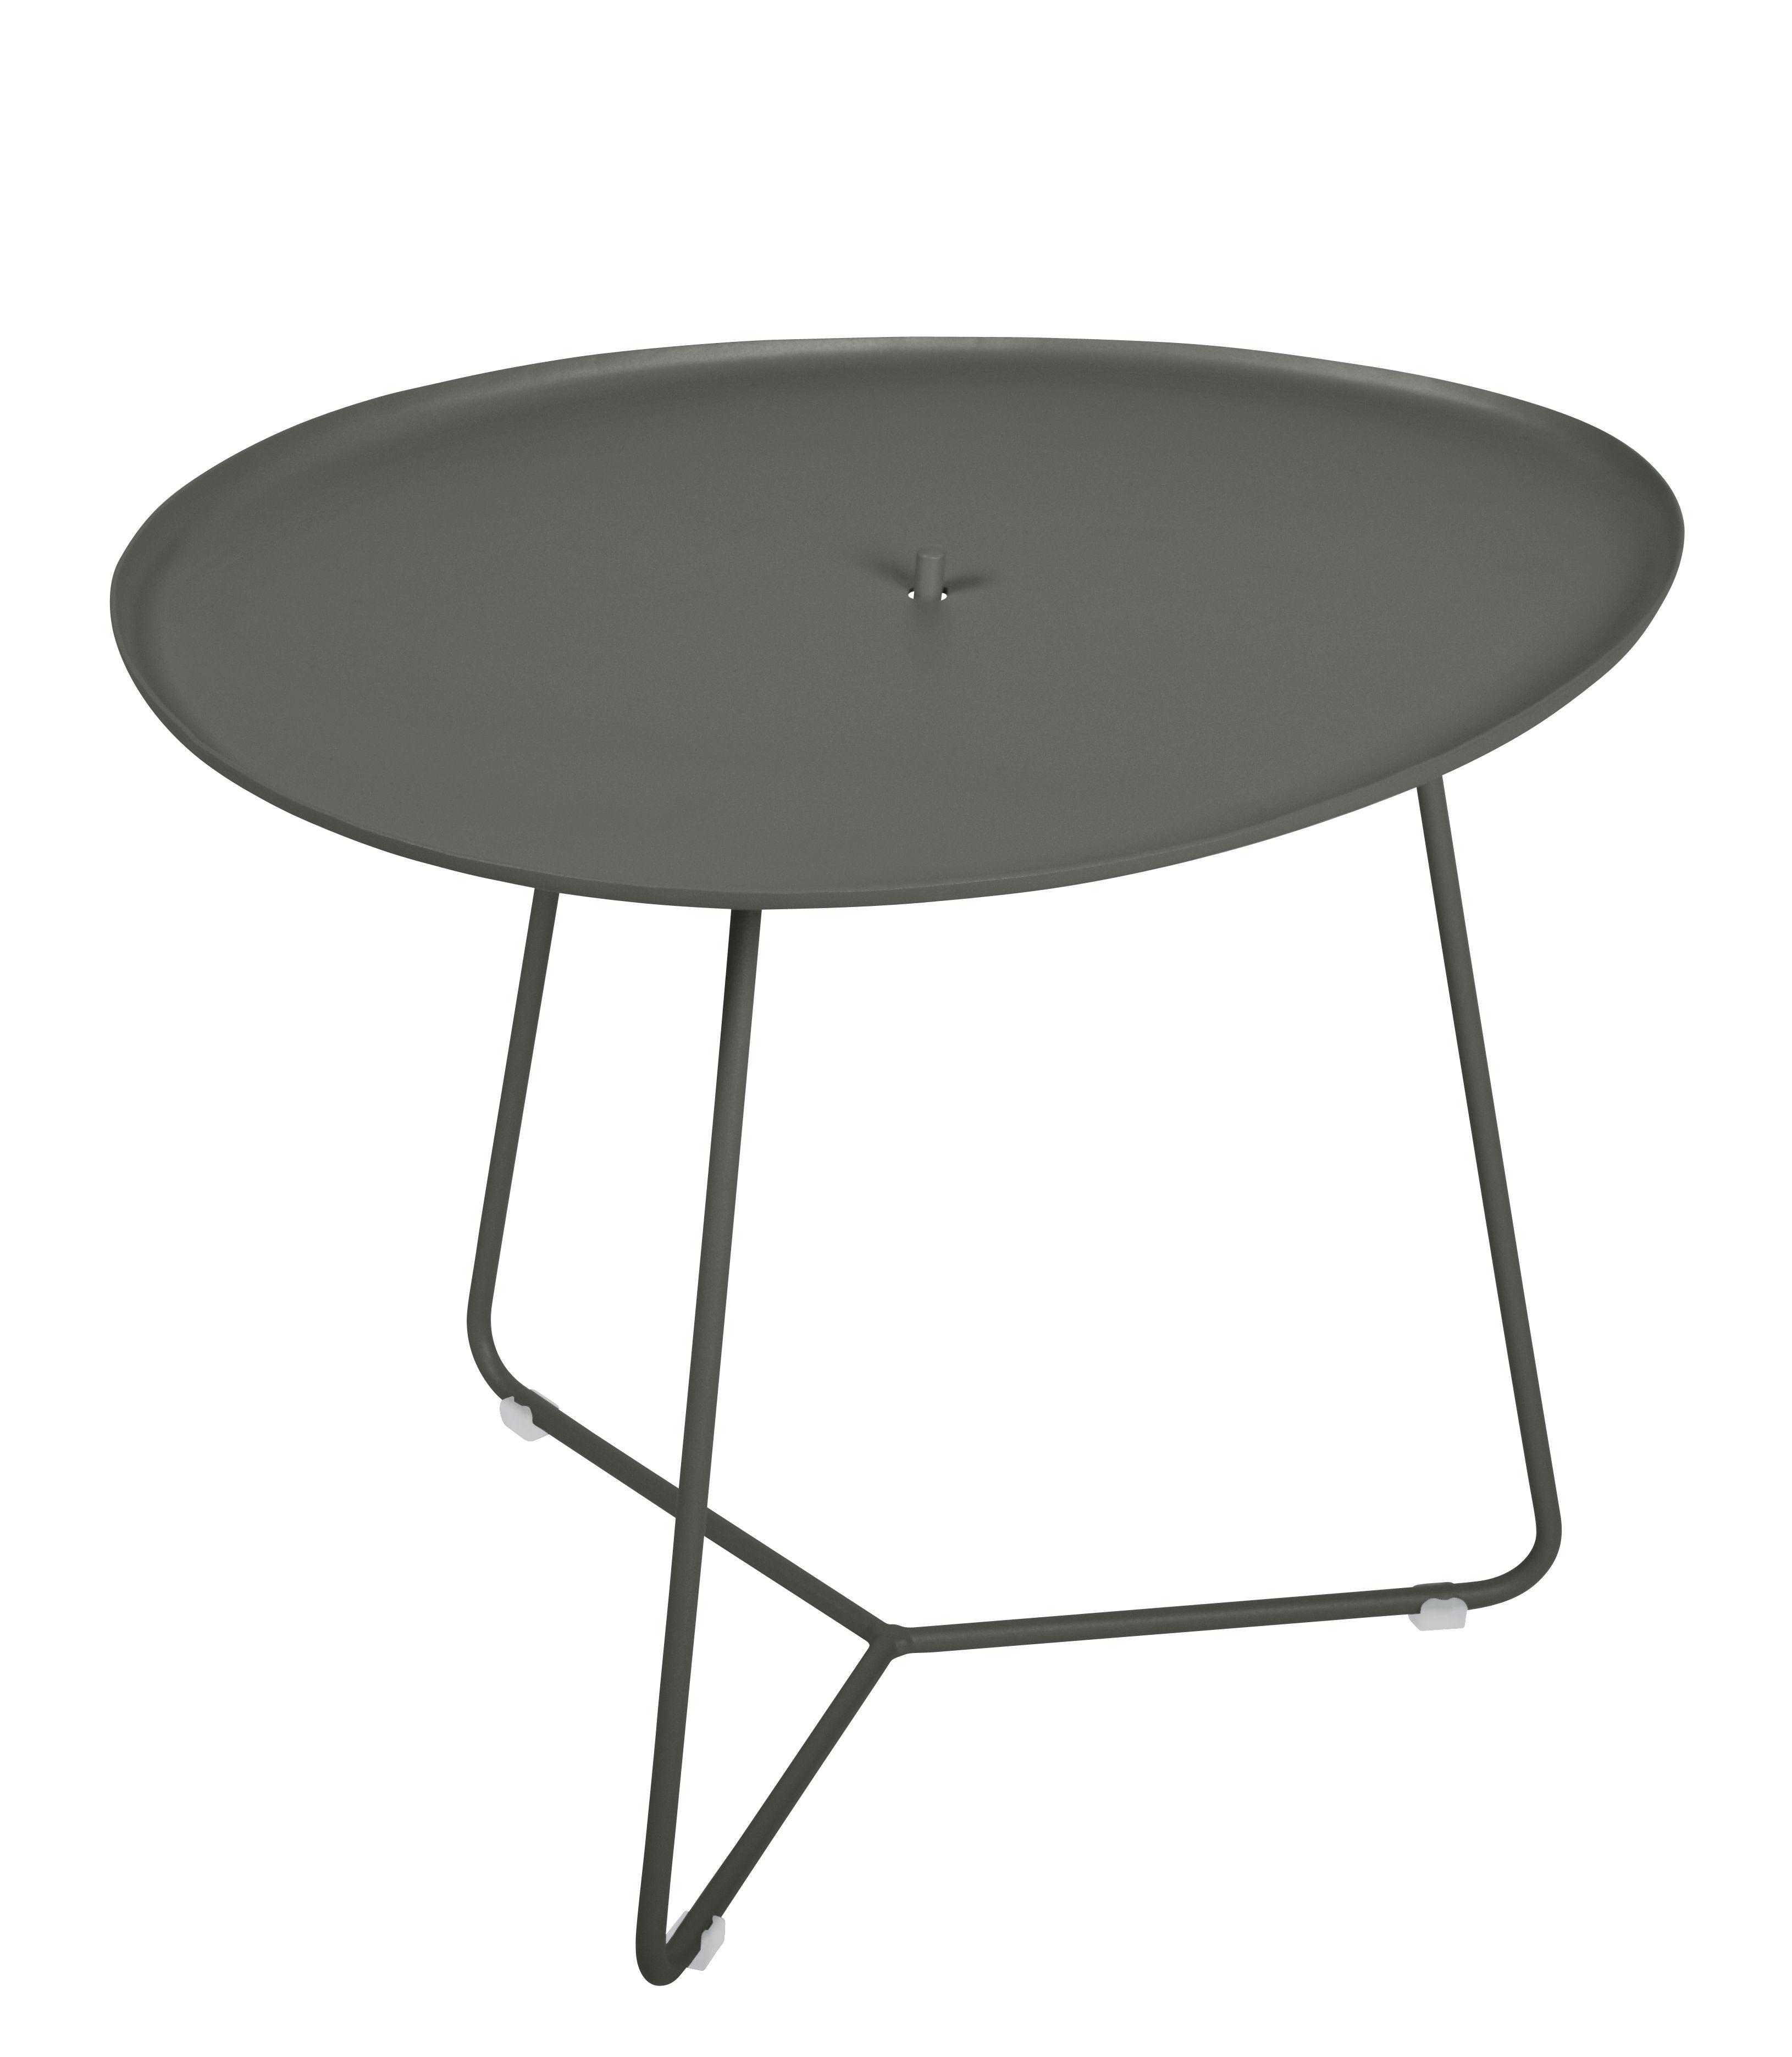 Arredamento - Tavolini  - Tavolino Cocotte - / L 55 x H 43,5 cm - Piano rimovibile di Fermob - Rosmarino - Acciaio verniciato